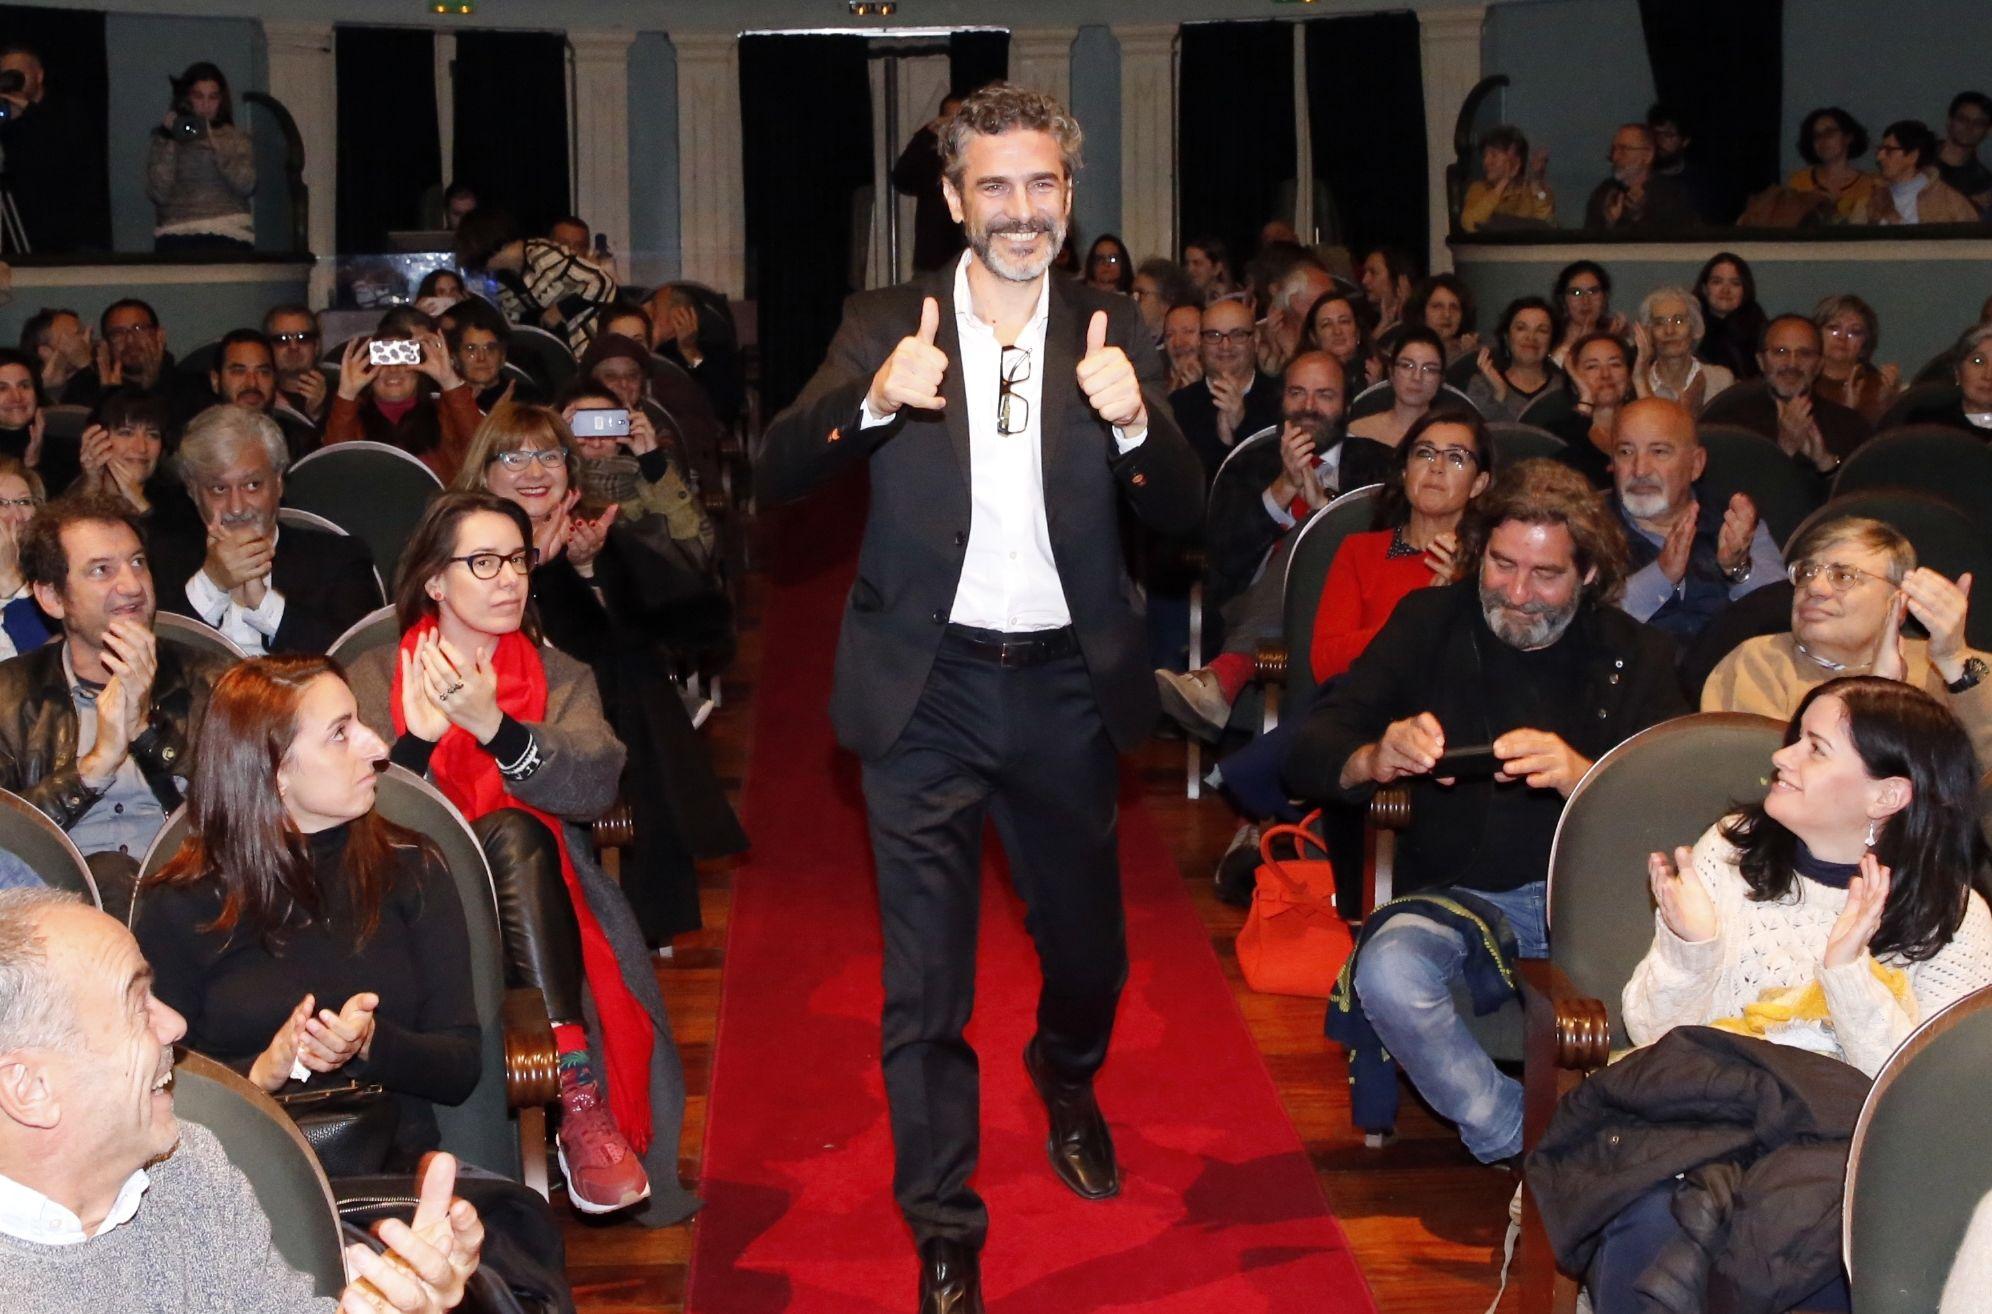 Leonardo Sbaraglia entró en el teatro Principal envuelto en una gran ovación  - FOTO: Fernando Blanco